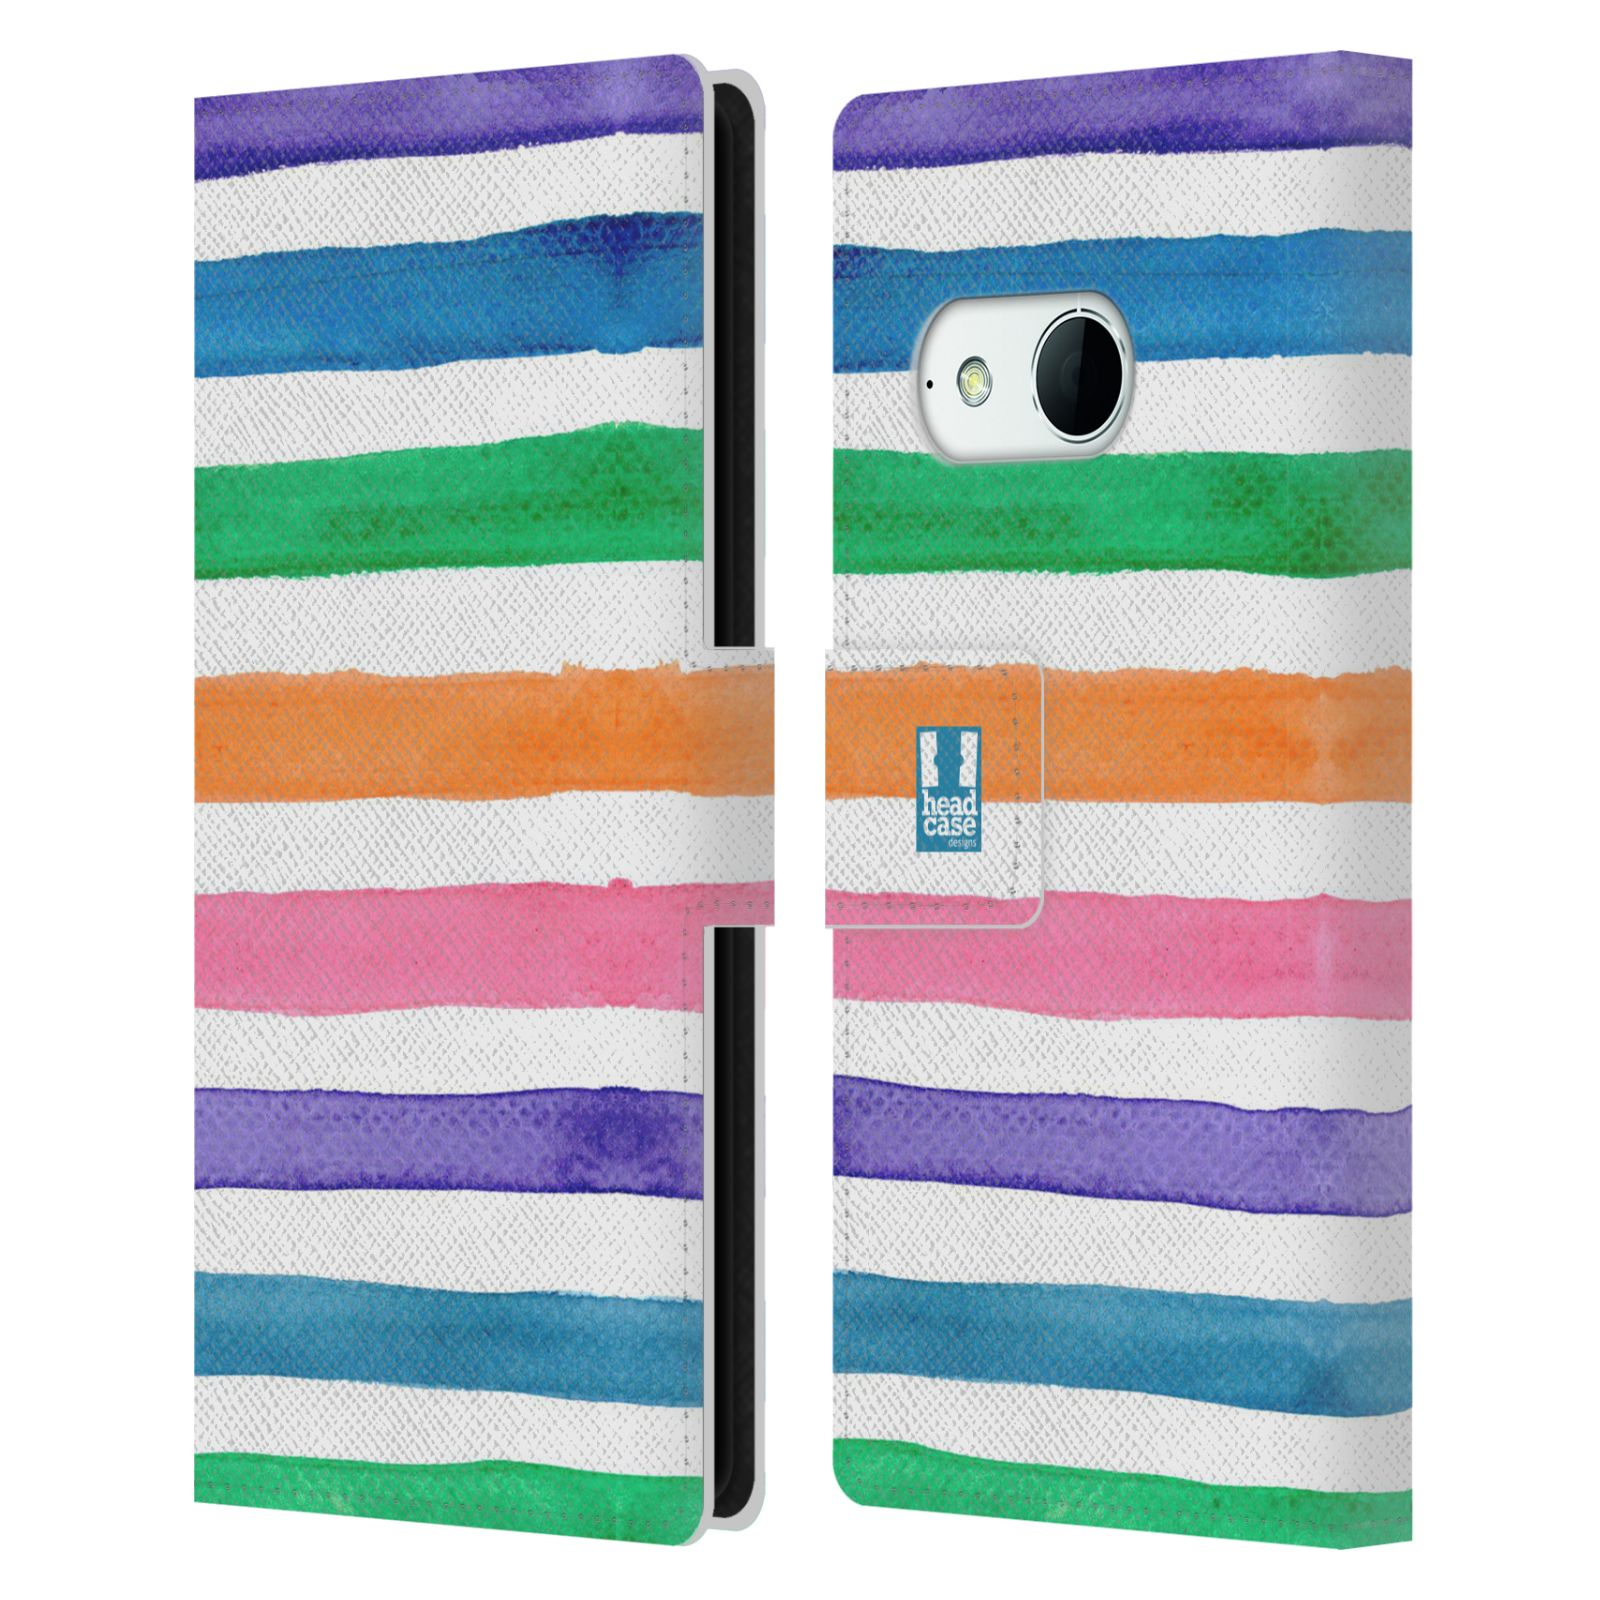 HEAD CASE Flipové pouzdro pro mobil HTC ONE MINI 2 (M8) barevné pruhy duha